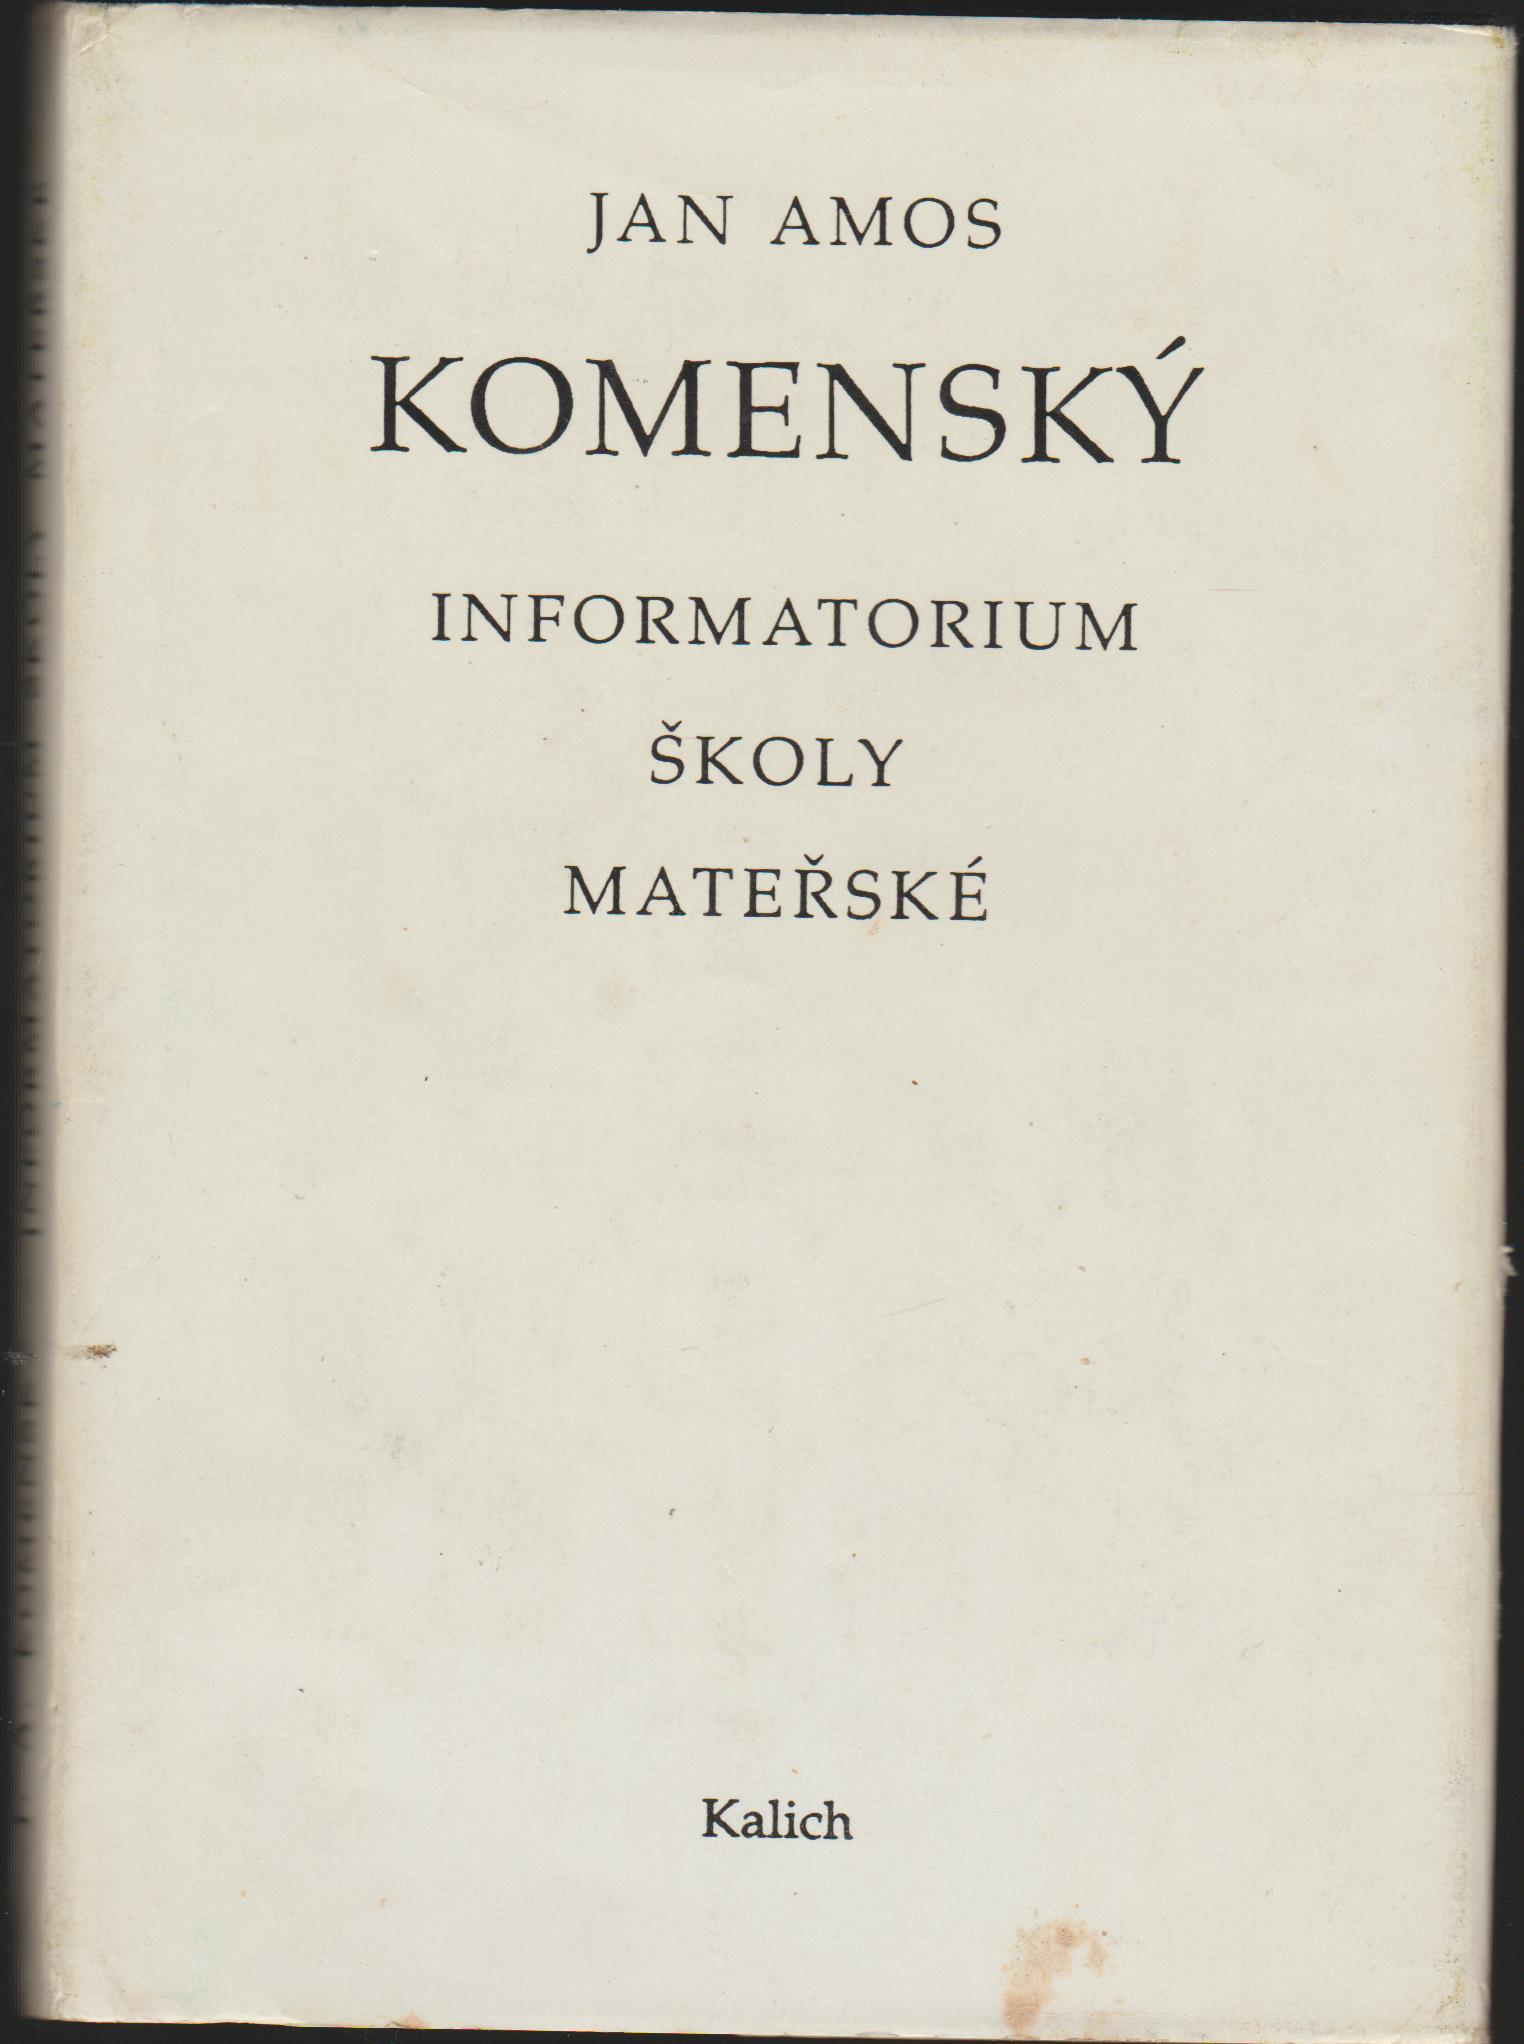 Informatorium školy mateřské - Jan Amos Komenský